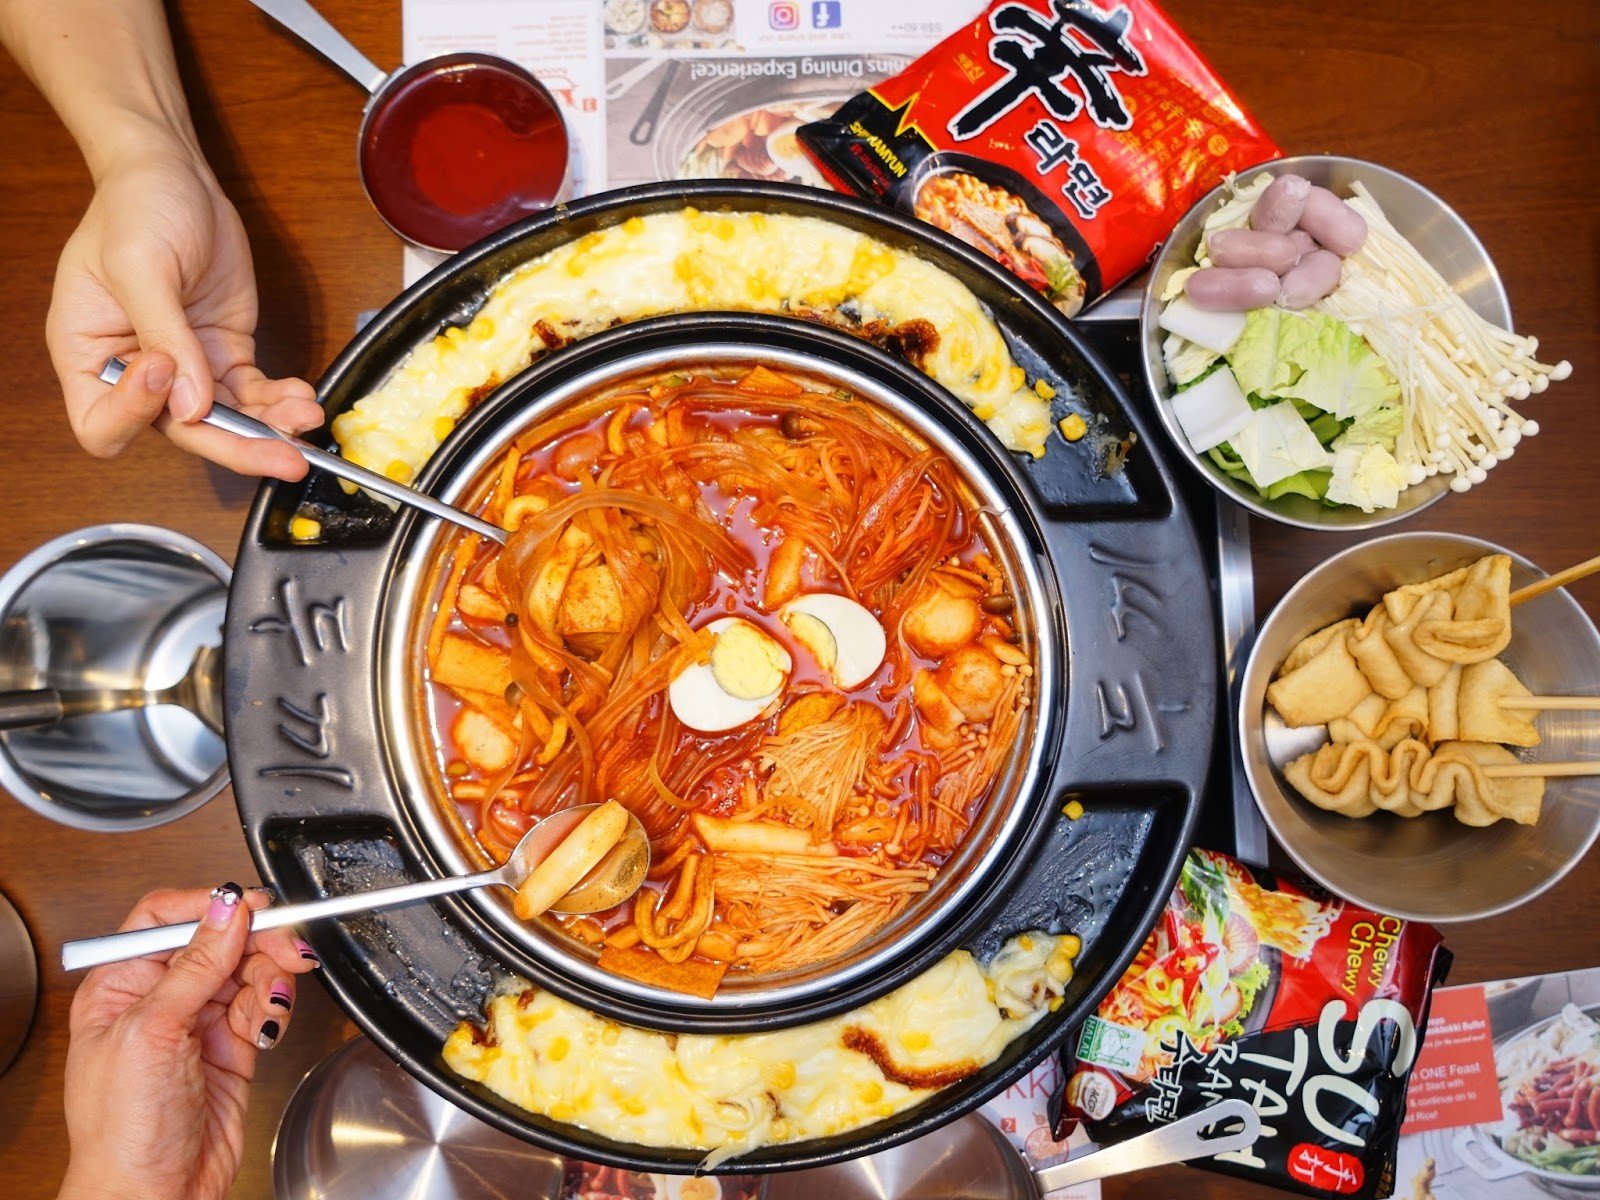 Điểm mặt những món ăn cay xé lưỡi khiến Wanna One và loạt sao Hàn quắn quéo đỏ mặt - Ảnh 4.